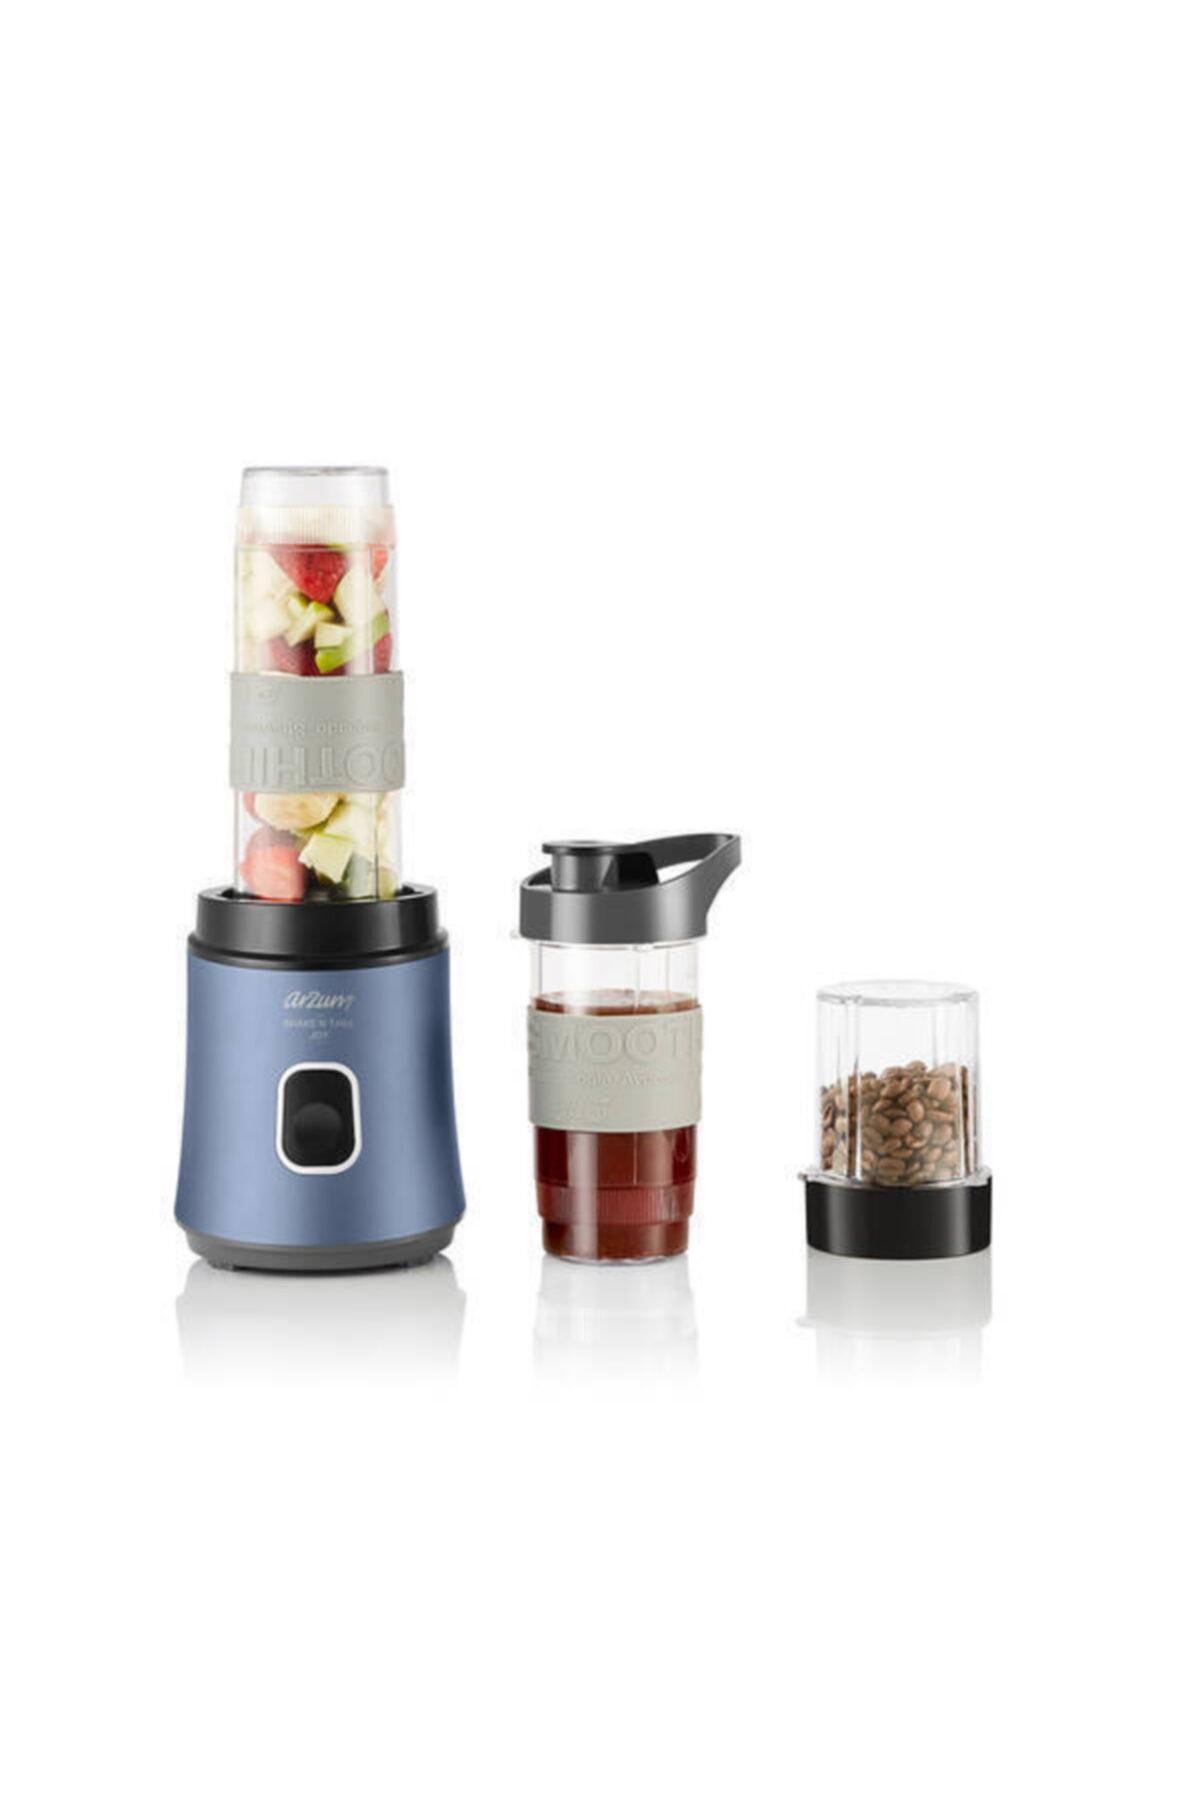 Arzum AR1101-O Shake'n Take Joy Kahve Öğütücülü Kişisel Blender - Okyanus 1